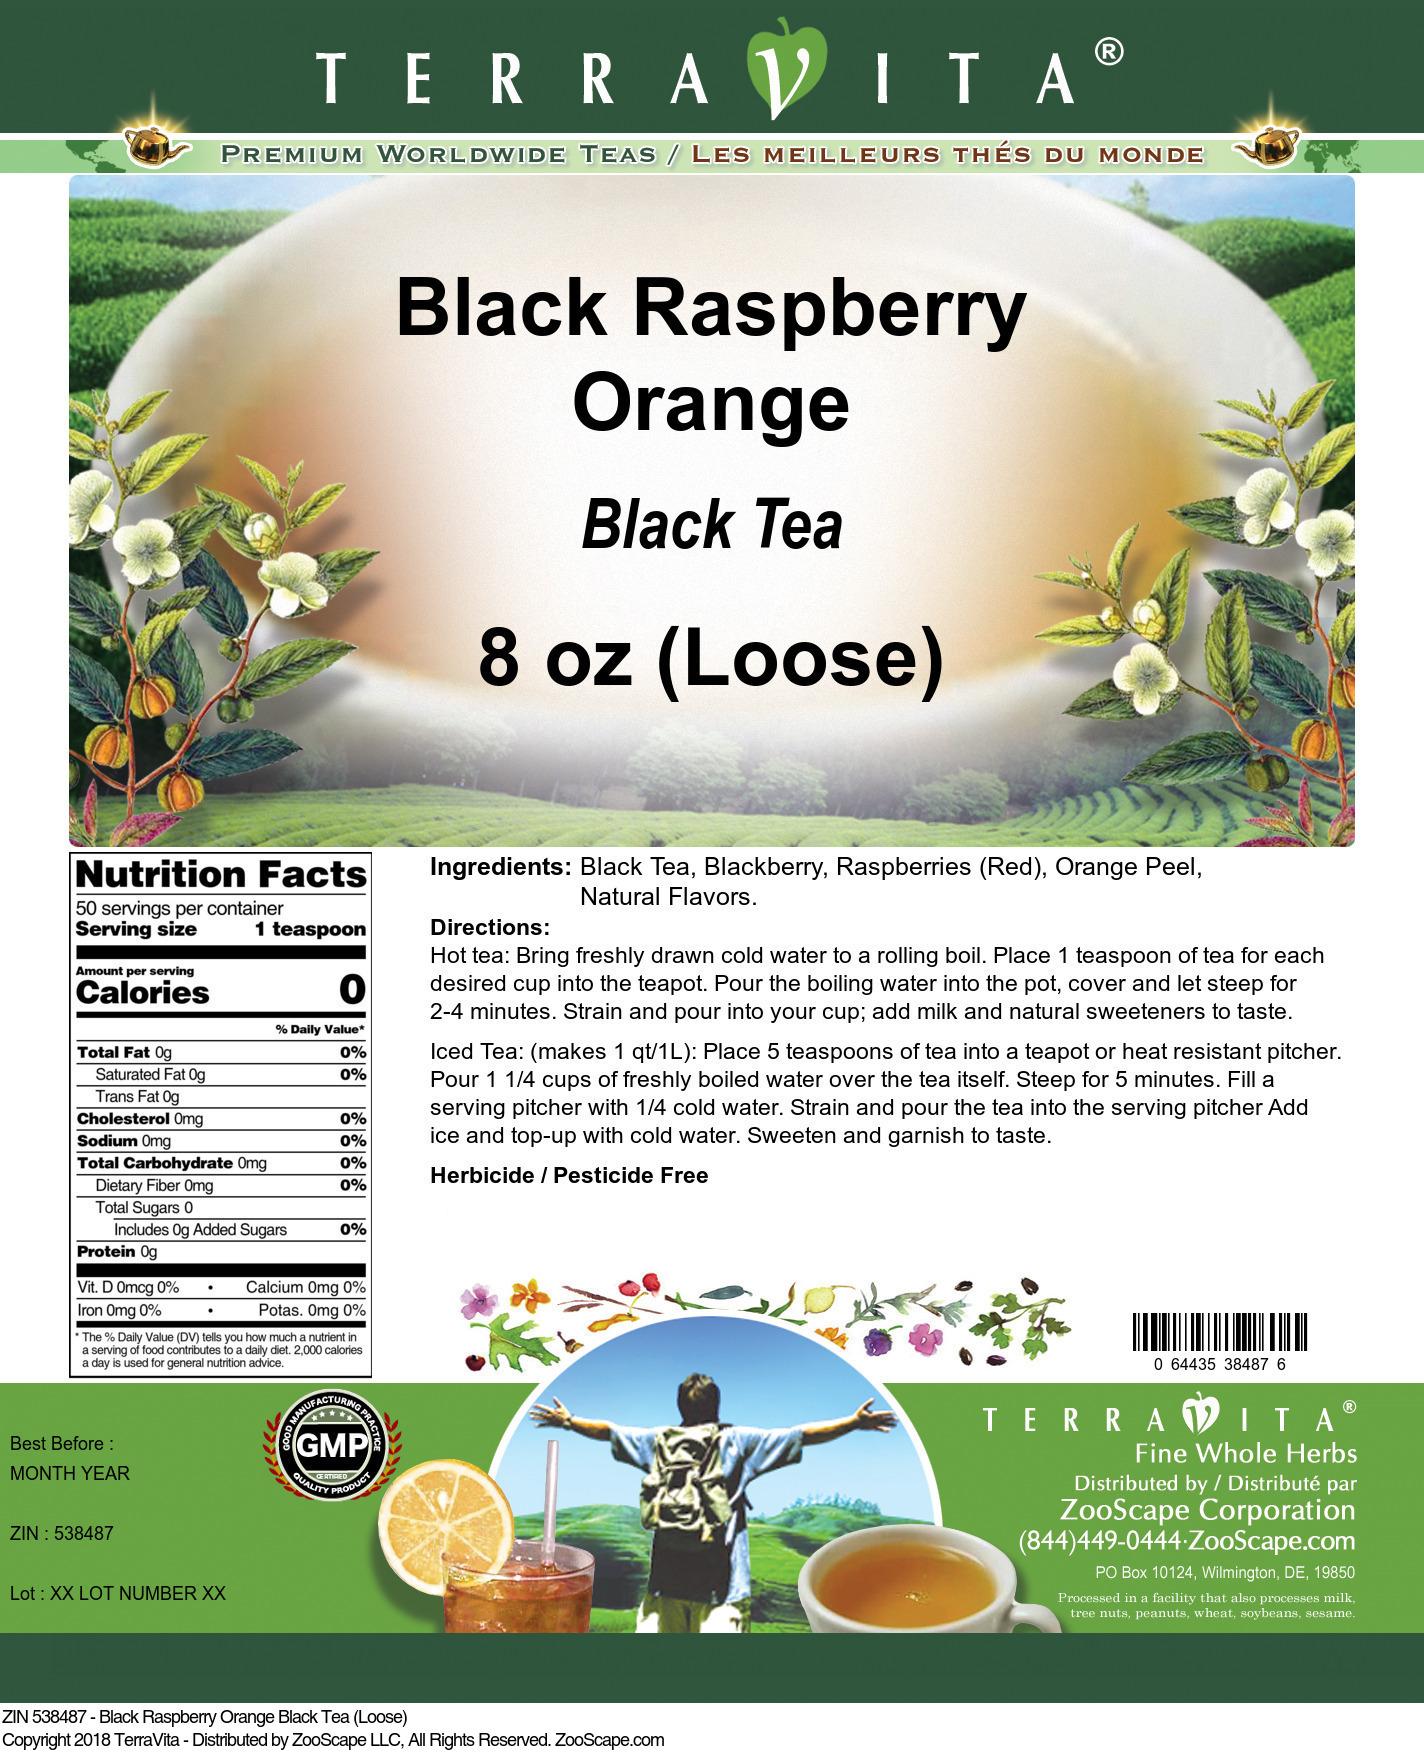 Black Raspberry Orange Black Tea (Loose)